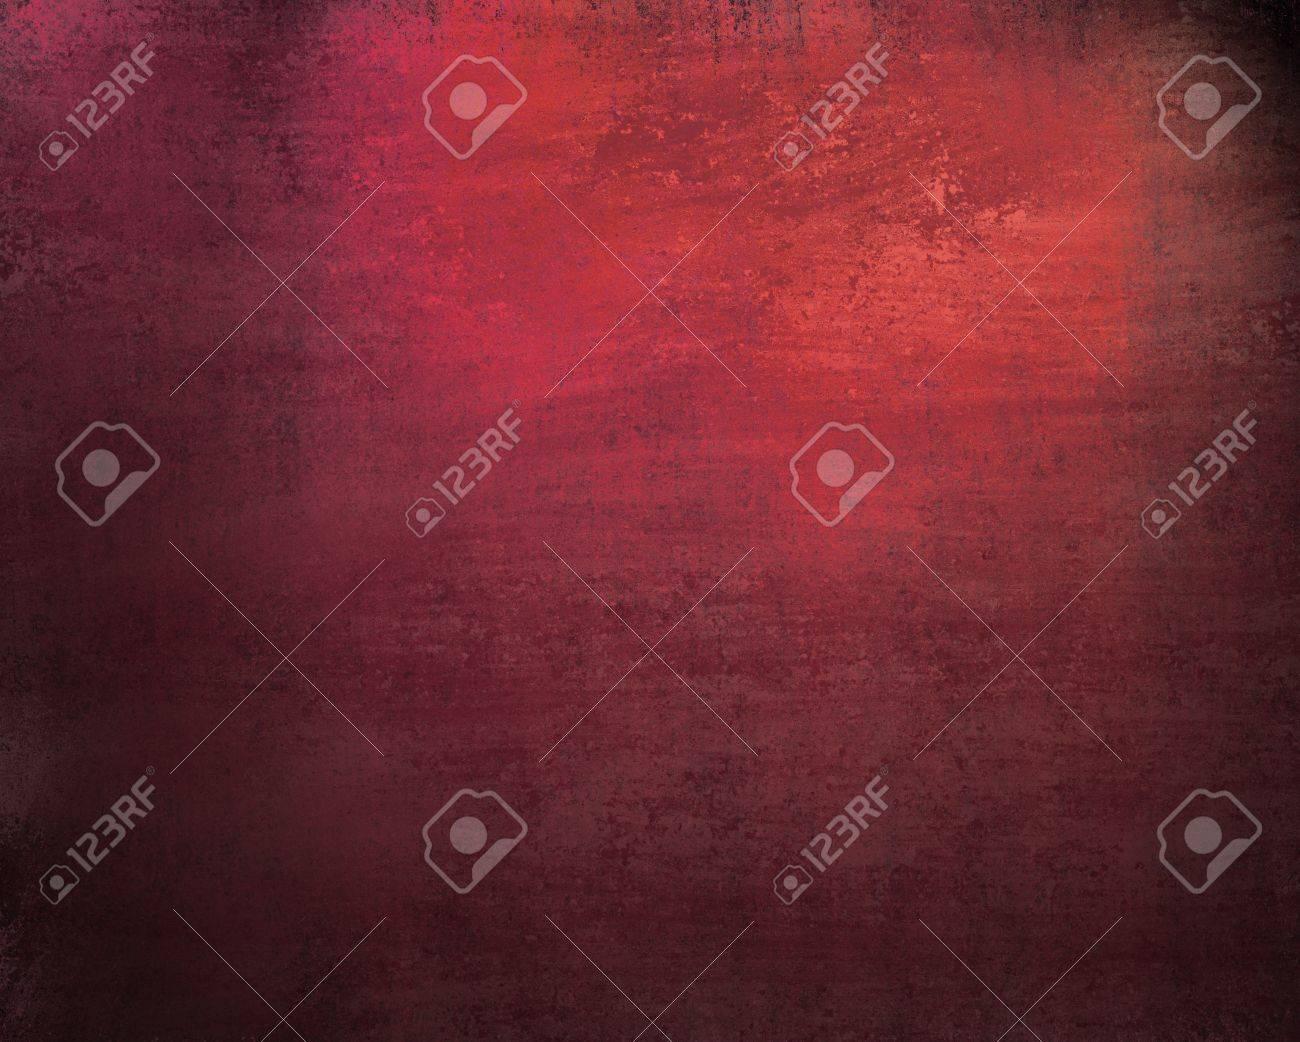 Hermosa Rosa De Fondo Rojo Con Textura Oscura época Del Grunge Y La ...